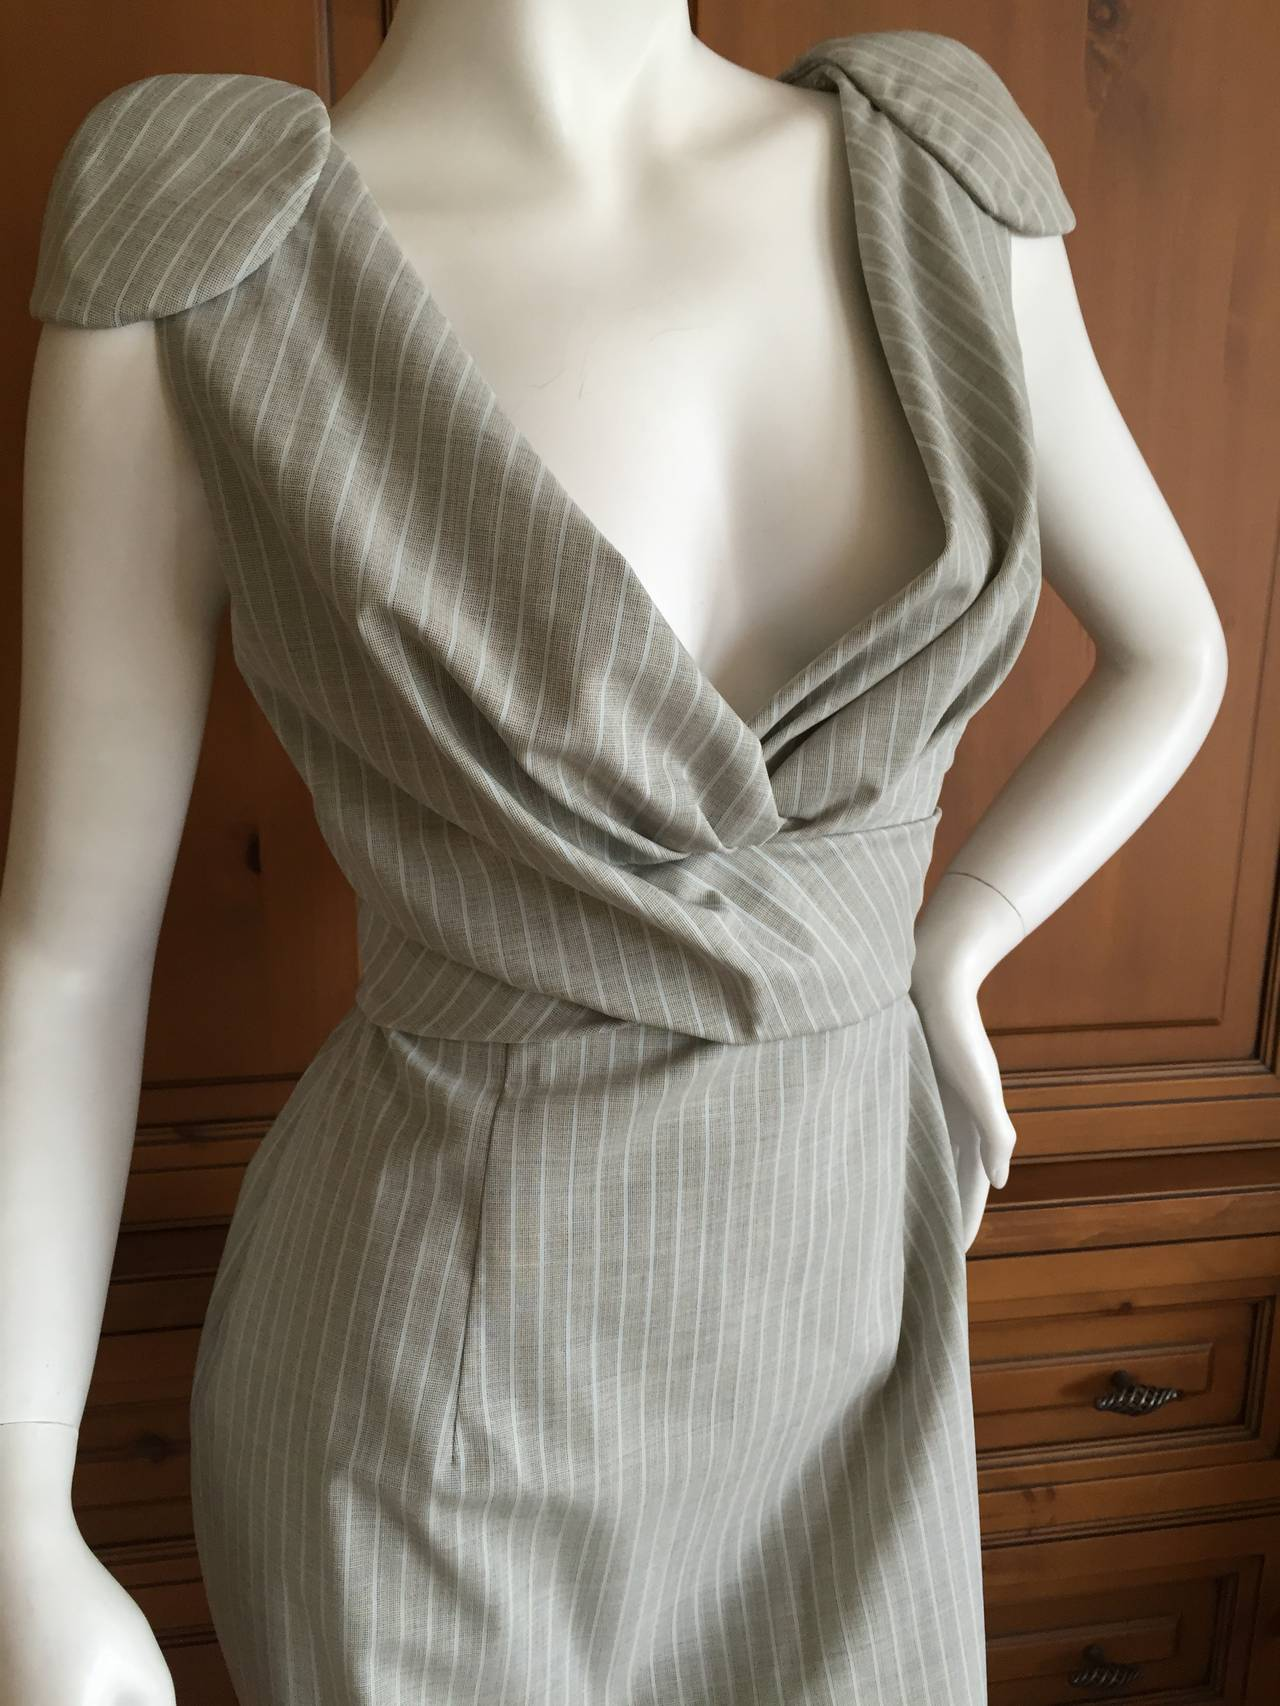 Alexander McQueen Pinstripe Dress 2009 NWT 4